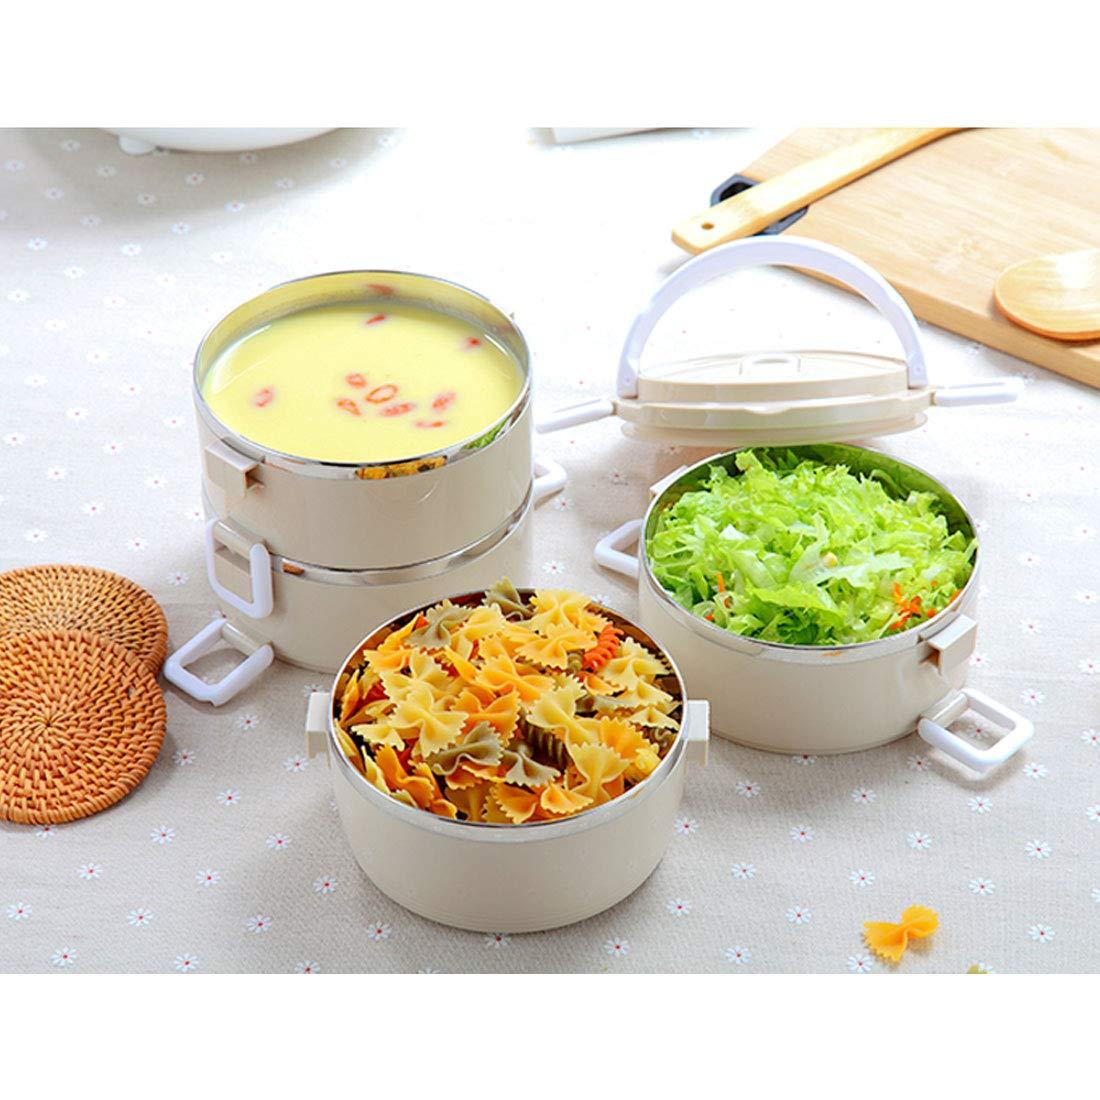 Levoberg Bo/îte Alimentaire Isotherme avec Sac Isotherme Bo/îte Repas Chaud Bo/îte /à Lunch 2 Couches Beige